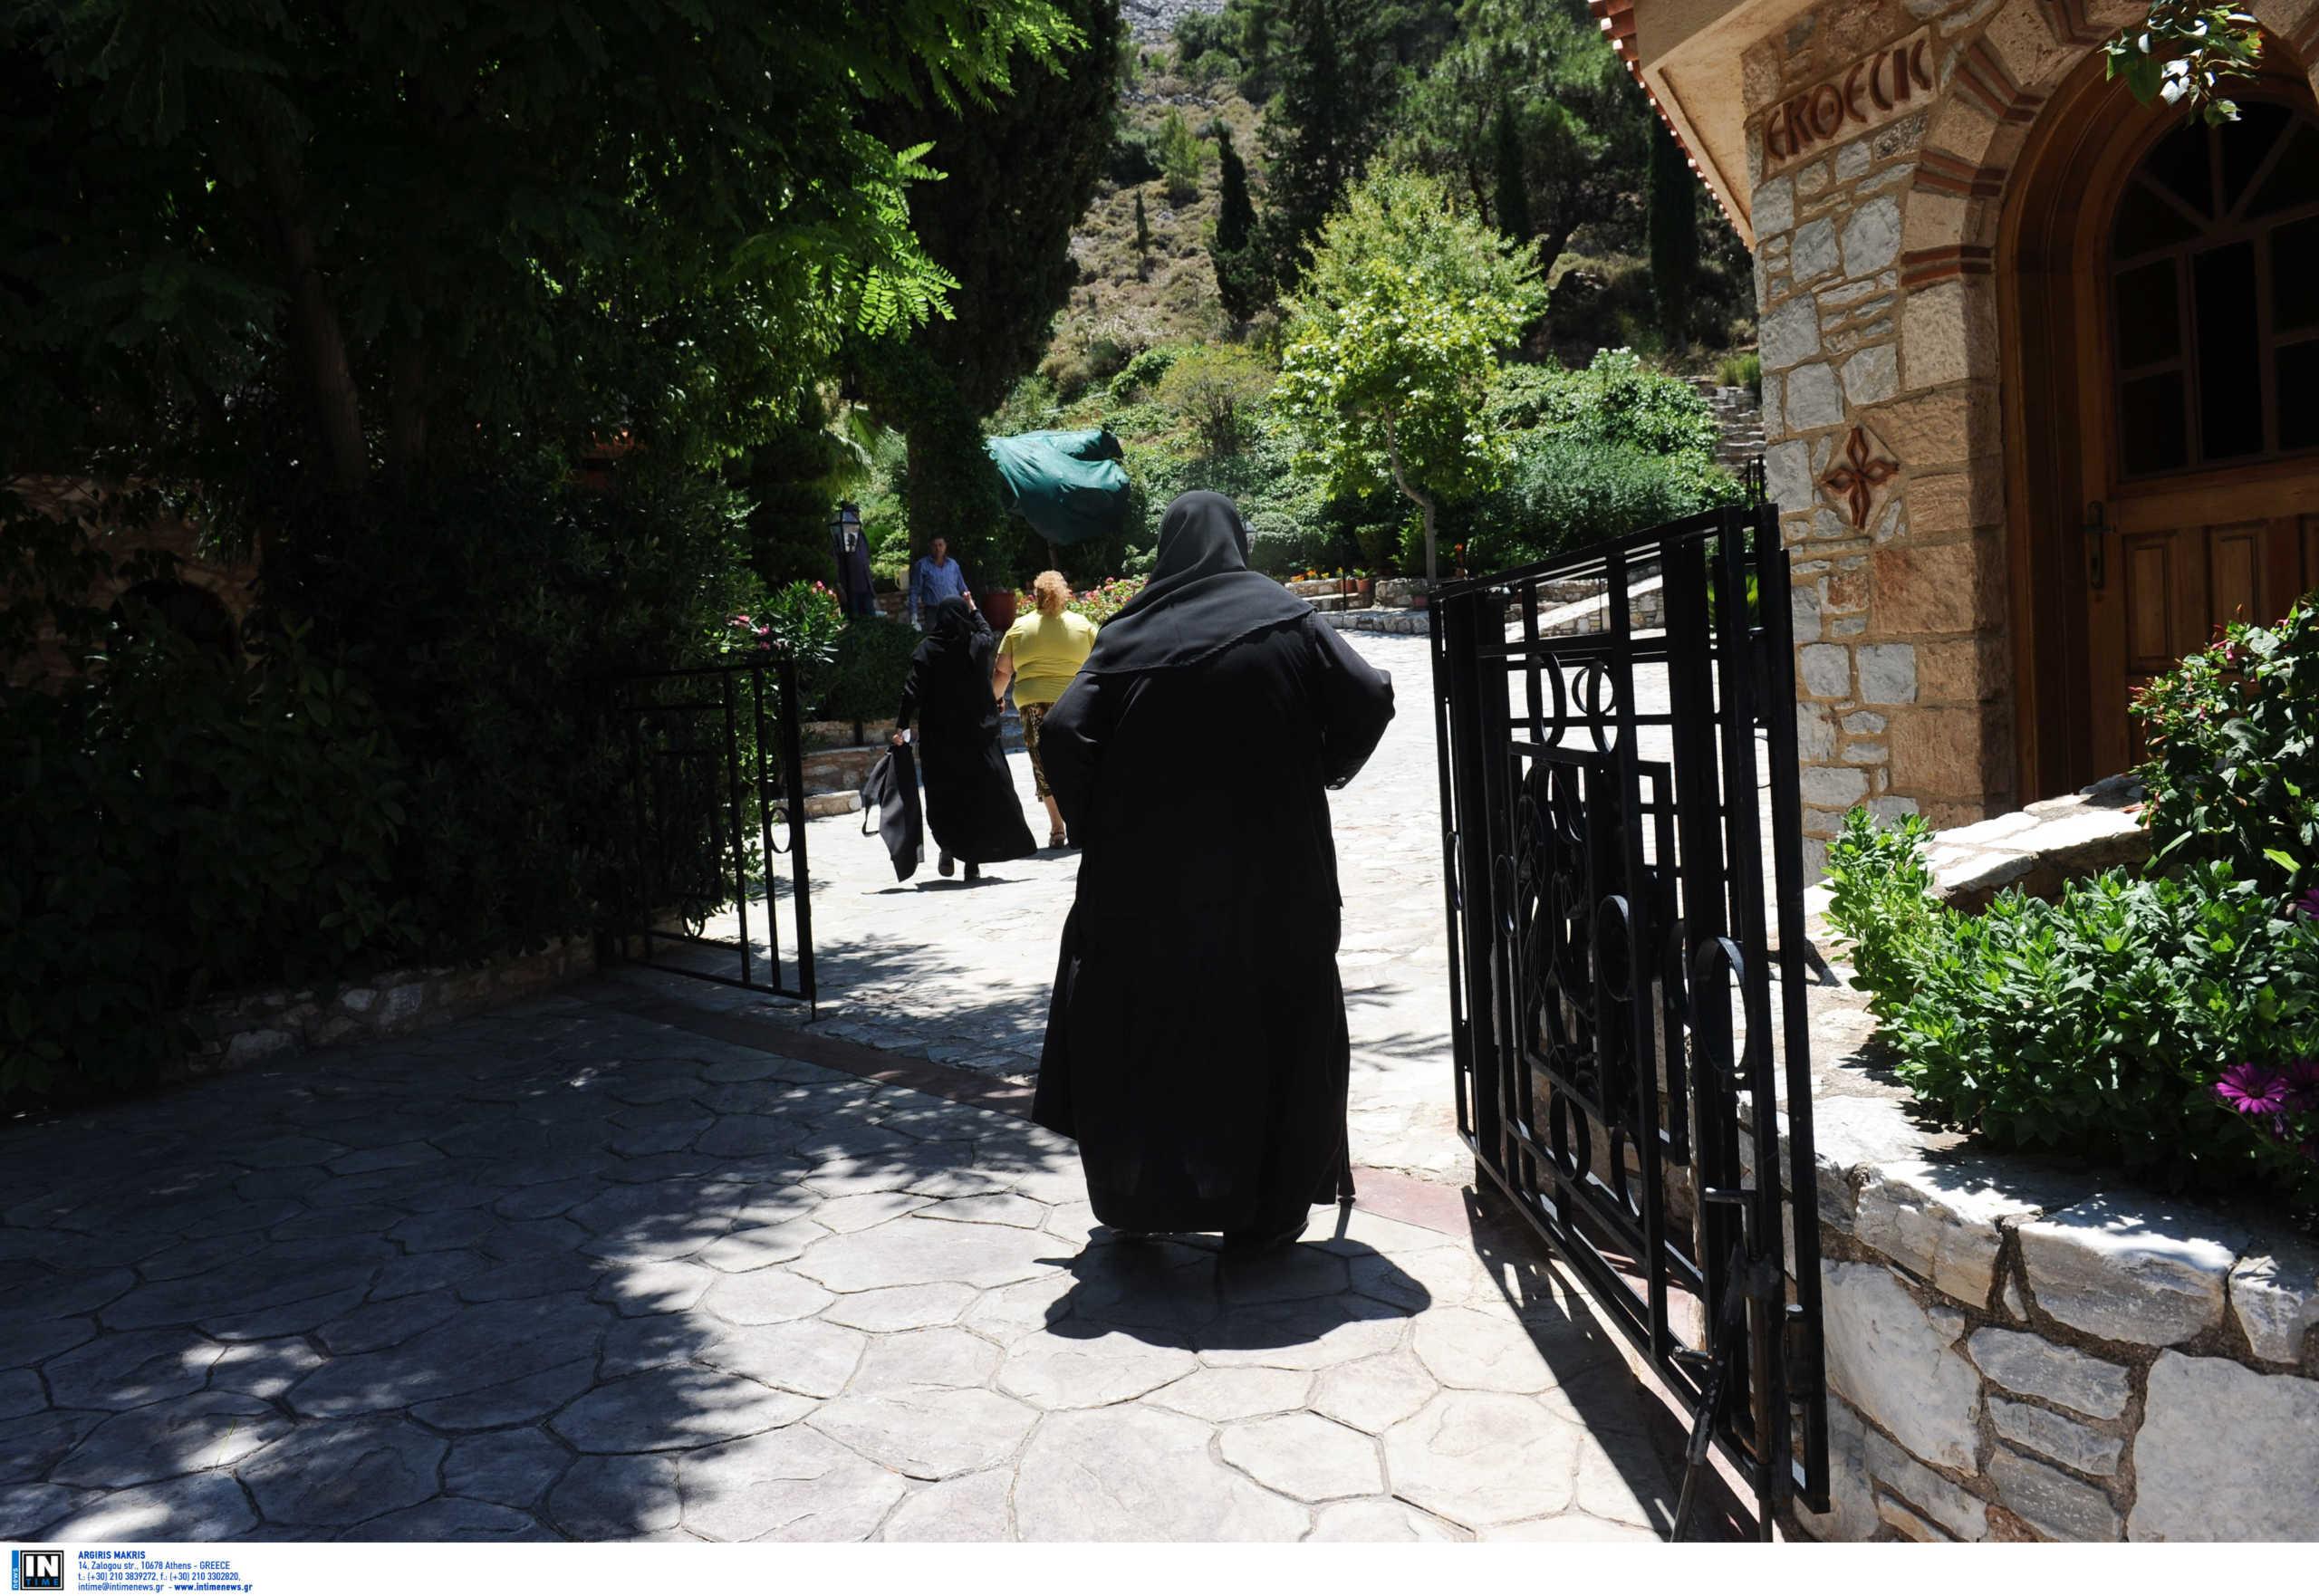 Αίγιο: Με κορονοϊό 9 μοναχές της Μονής Αγίου Ιωάννου Θεολόγου Βερίνου